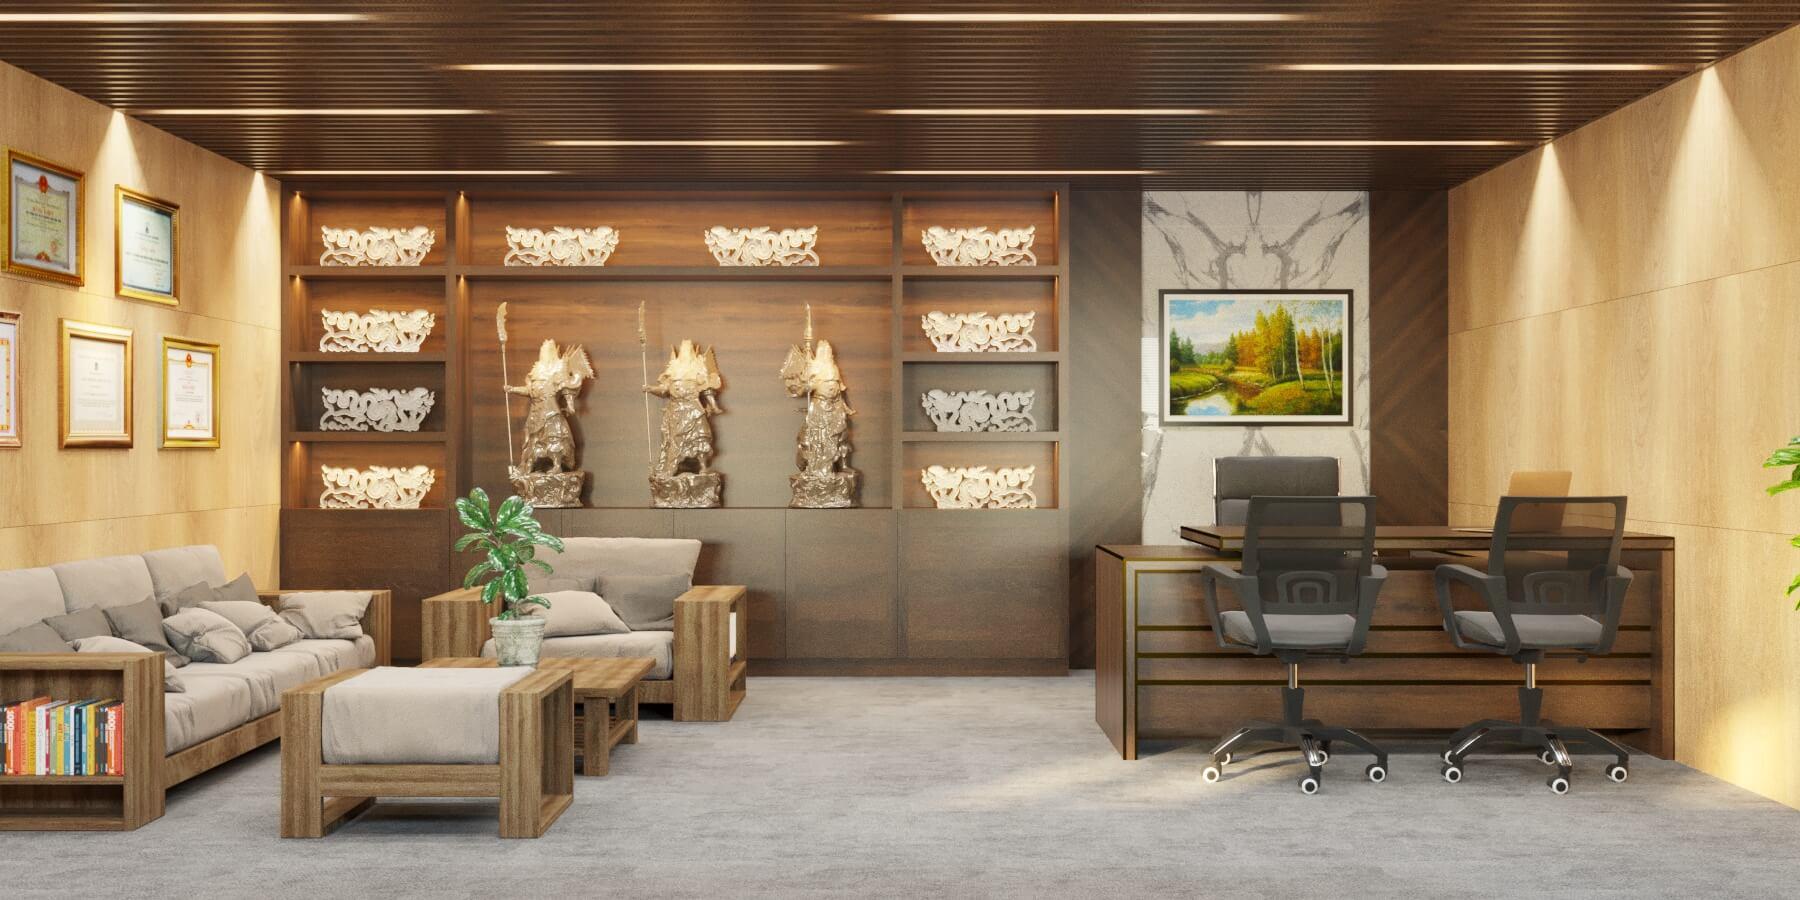 Nội thất Fuhome - Đơn vị chuyên thi công thiết kế nội thất căn hộ chung cư 60m2, 90m2, 100m2,..